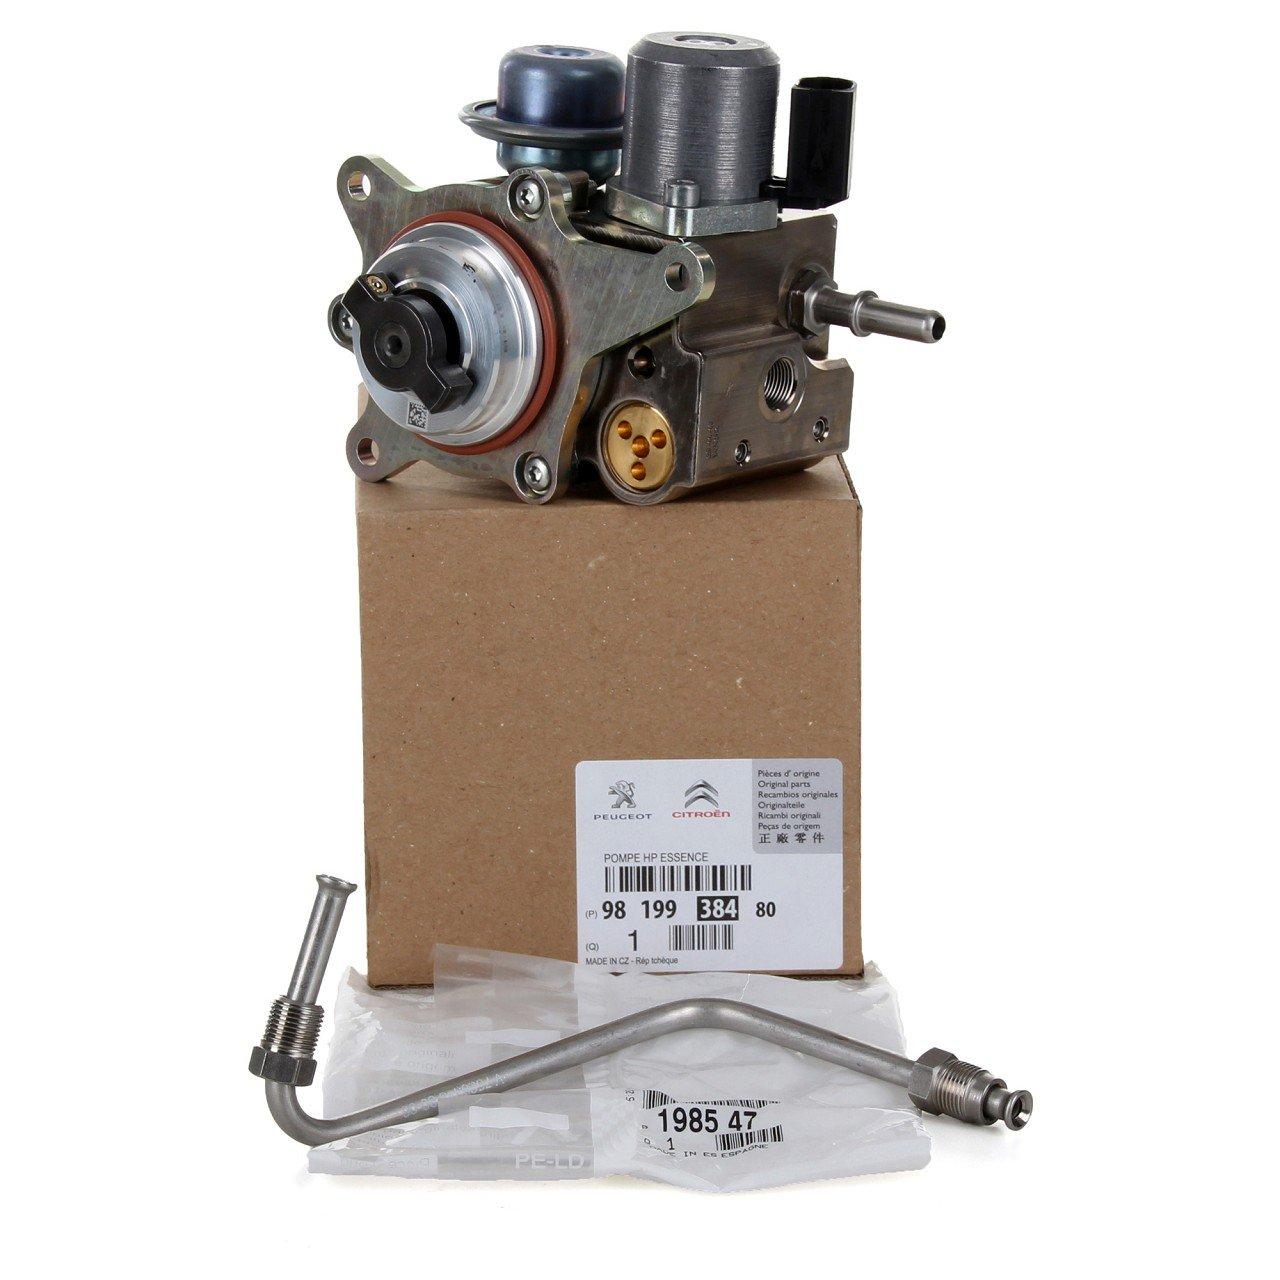 Original Kraftstoffpumpe 9819938480 / 1920.LL als Set zusammen mit der Original Kraftstoffleitung 1985.47